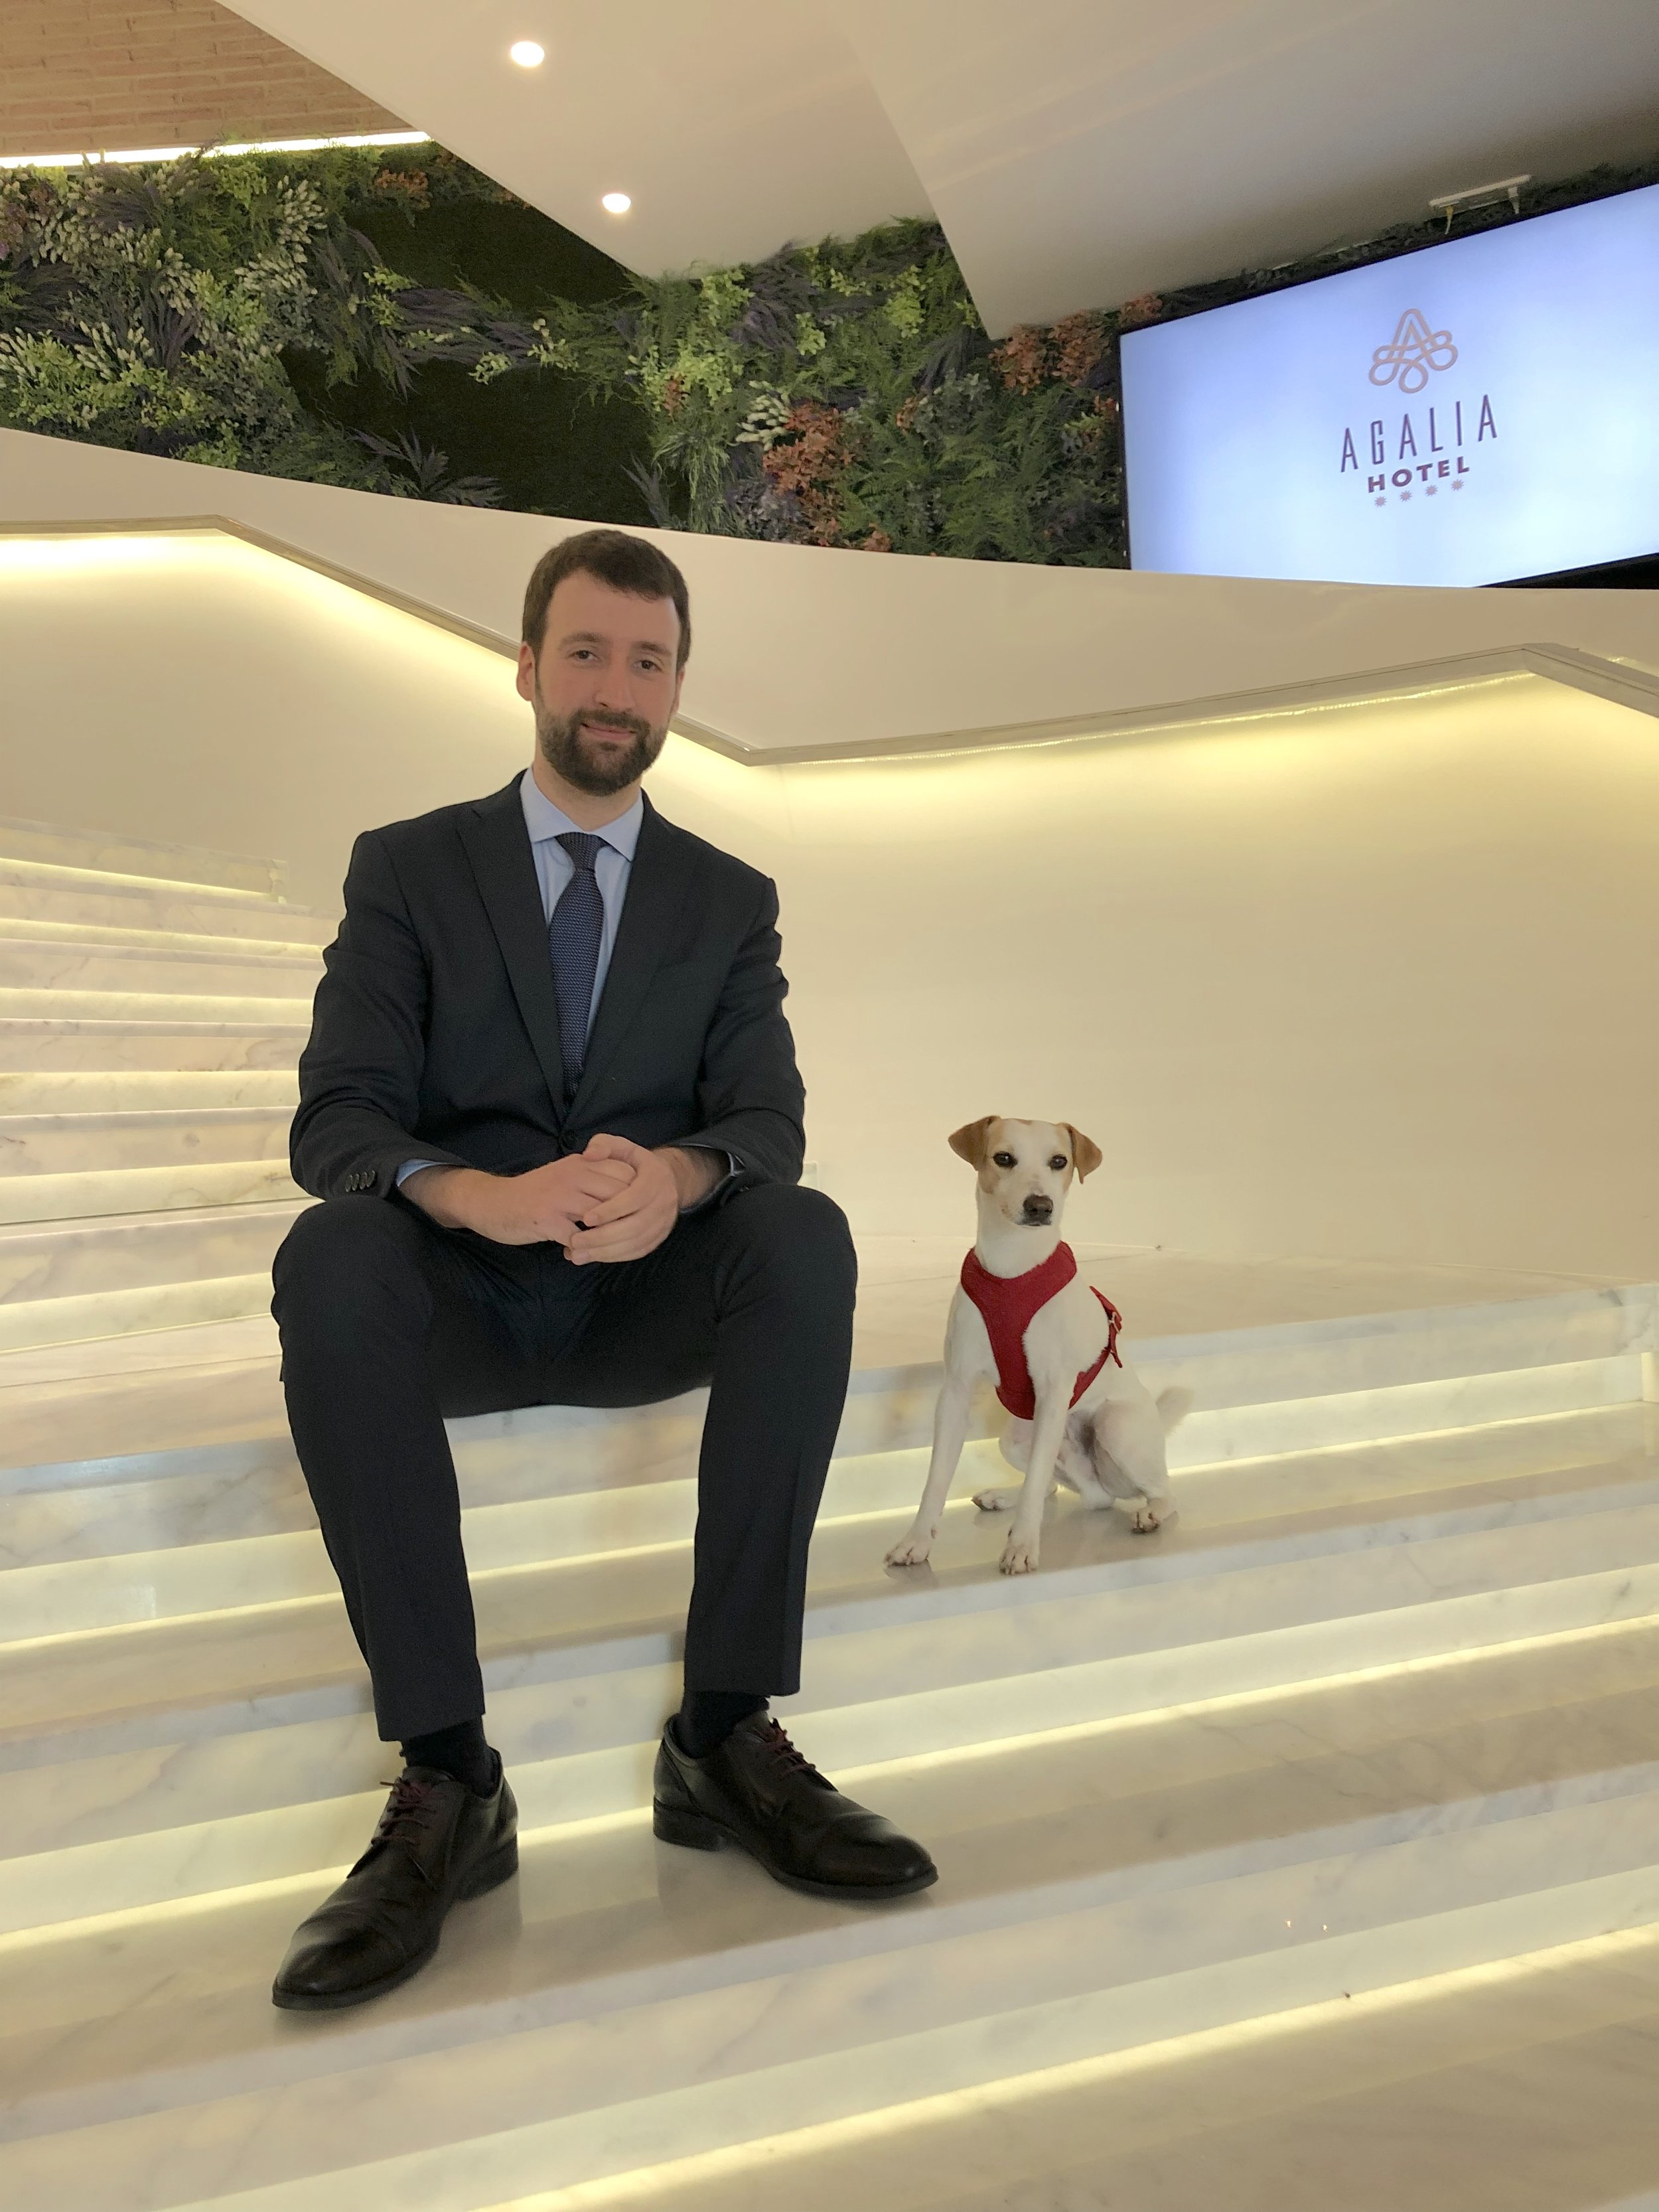 Con Javier en Agalia Hotel (Murcia).